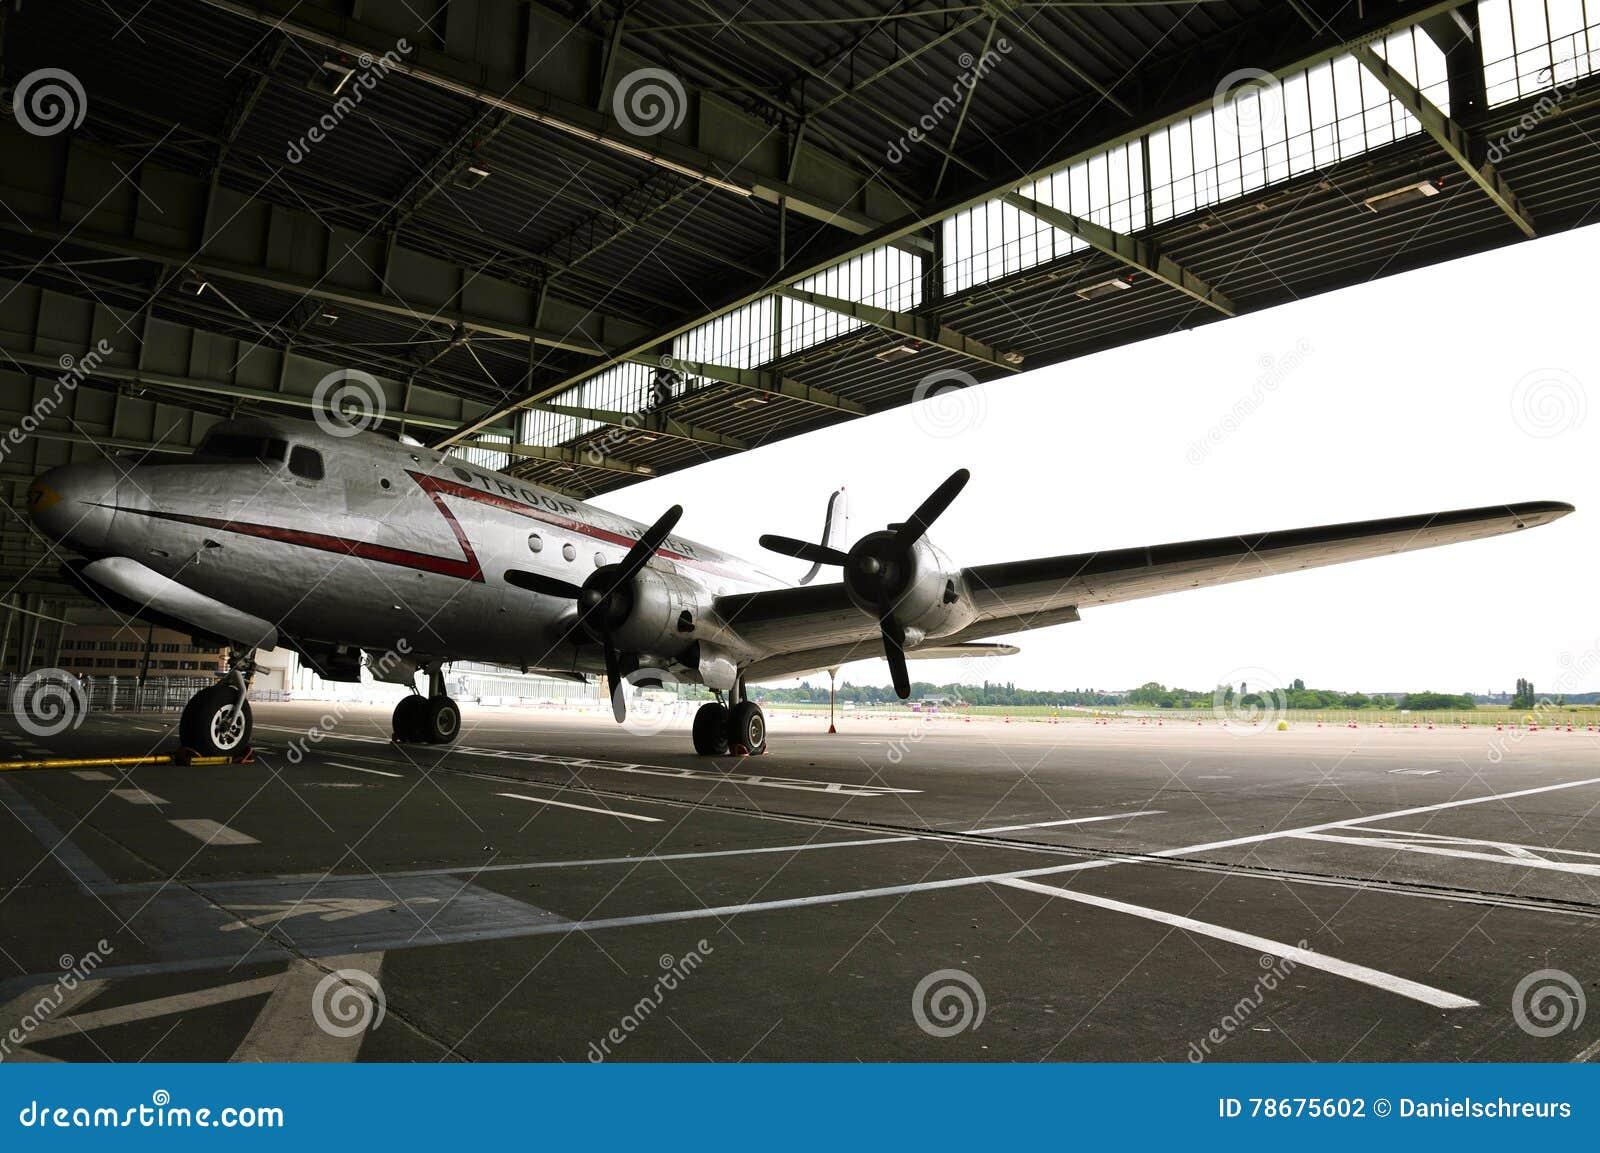 Douglas Skymaster In The Boarding Area Of Historic Berlin Tempelhof